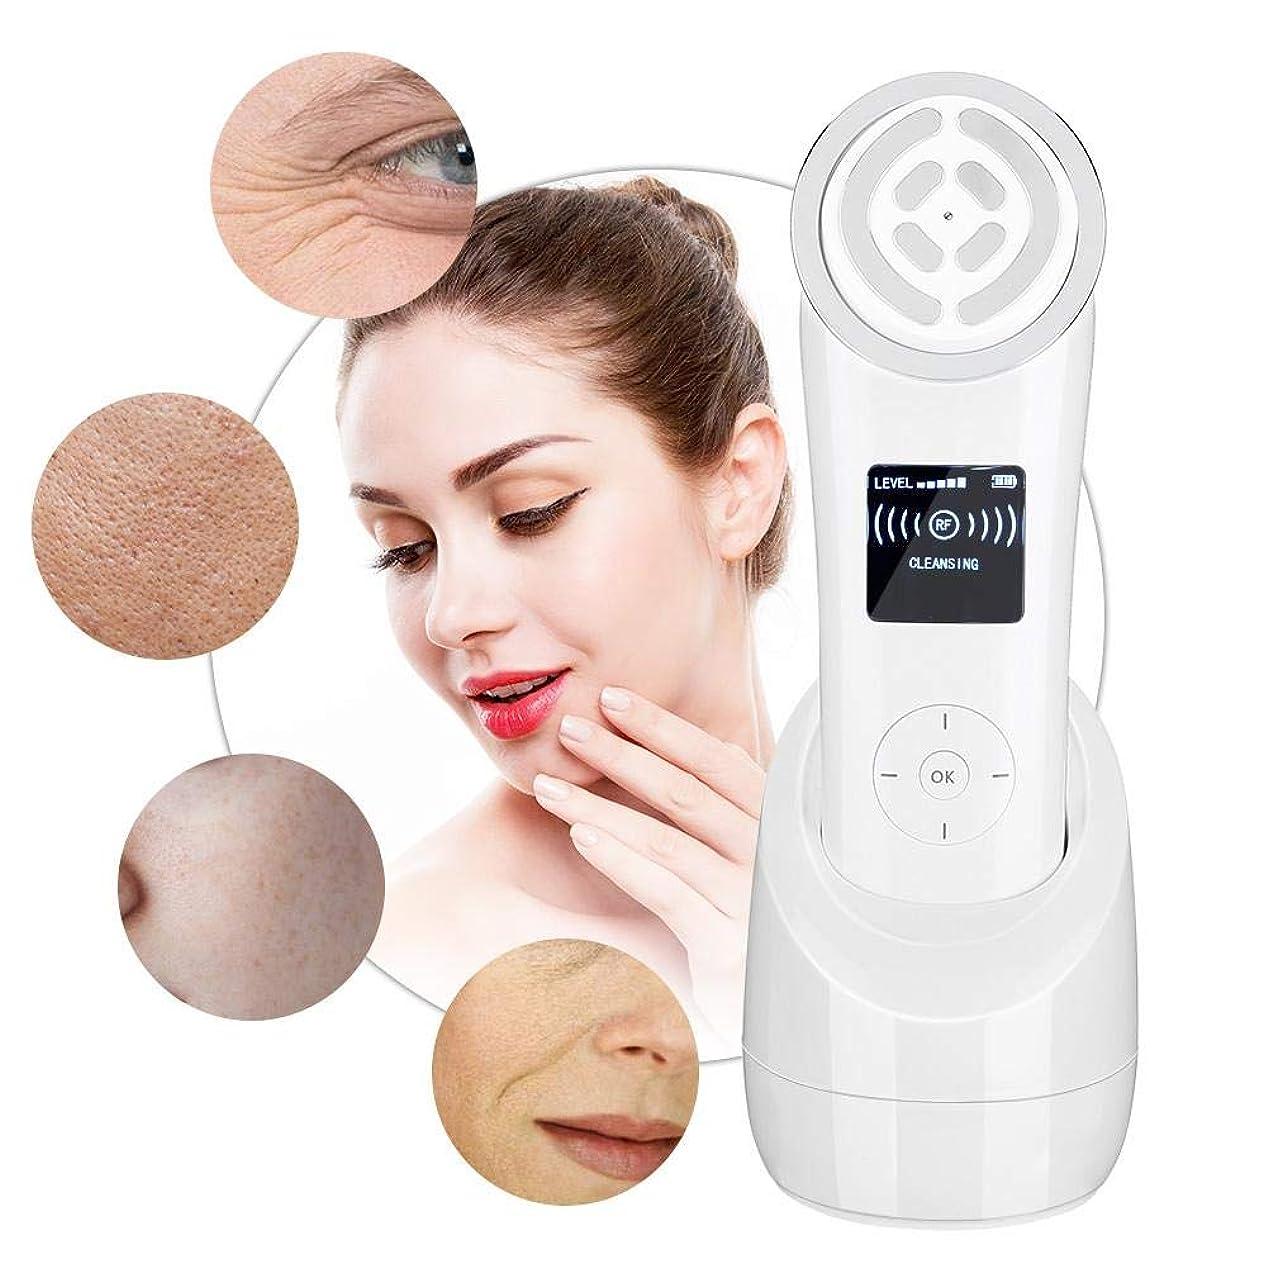 直感インタネットを見るアラビア語顔の美しさのマシン - RF周波数アンチエイジングアンチリンクル、肌の若返り楽器 - ポータブル若返り肌がEMS筋肉刺激を強化(UE)